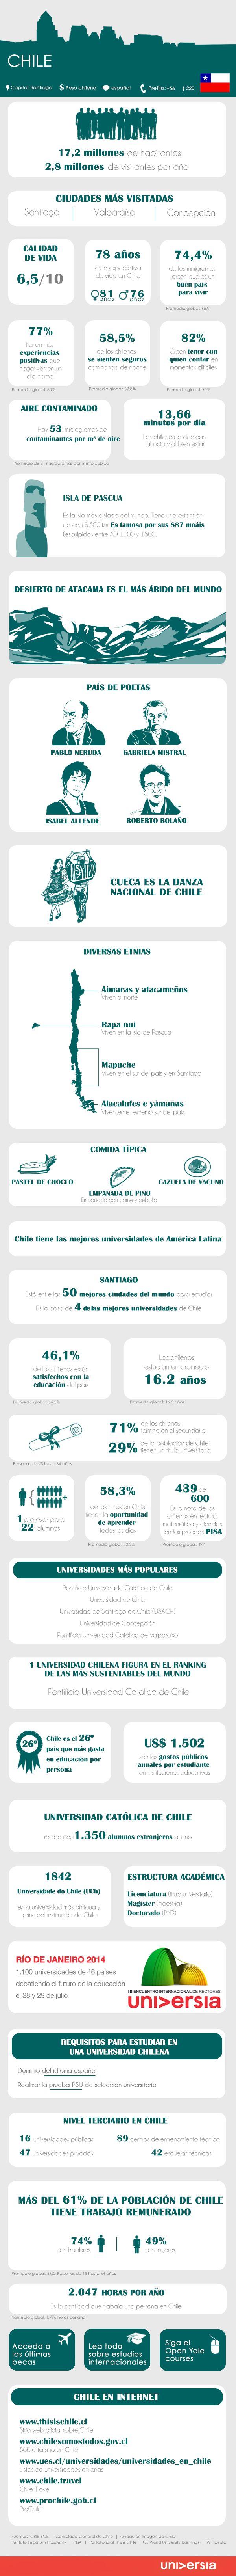 30 claves para estudiar y trabajar en Chile